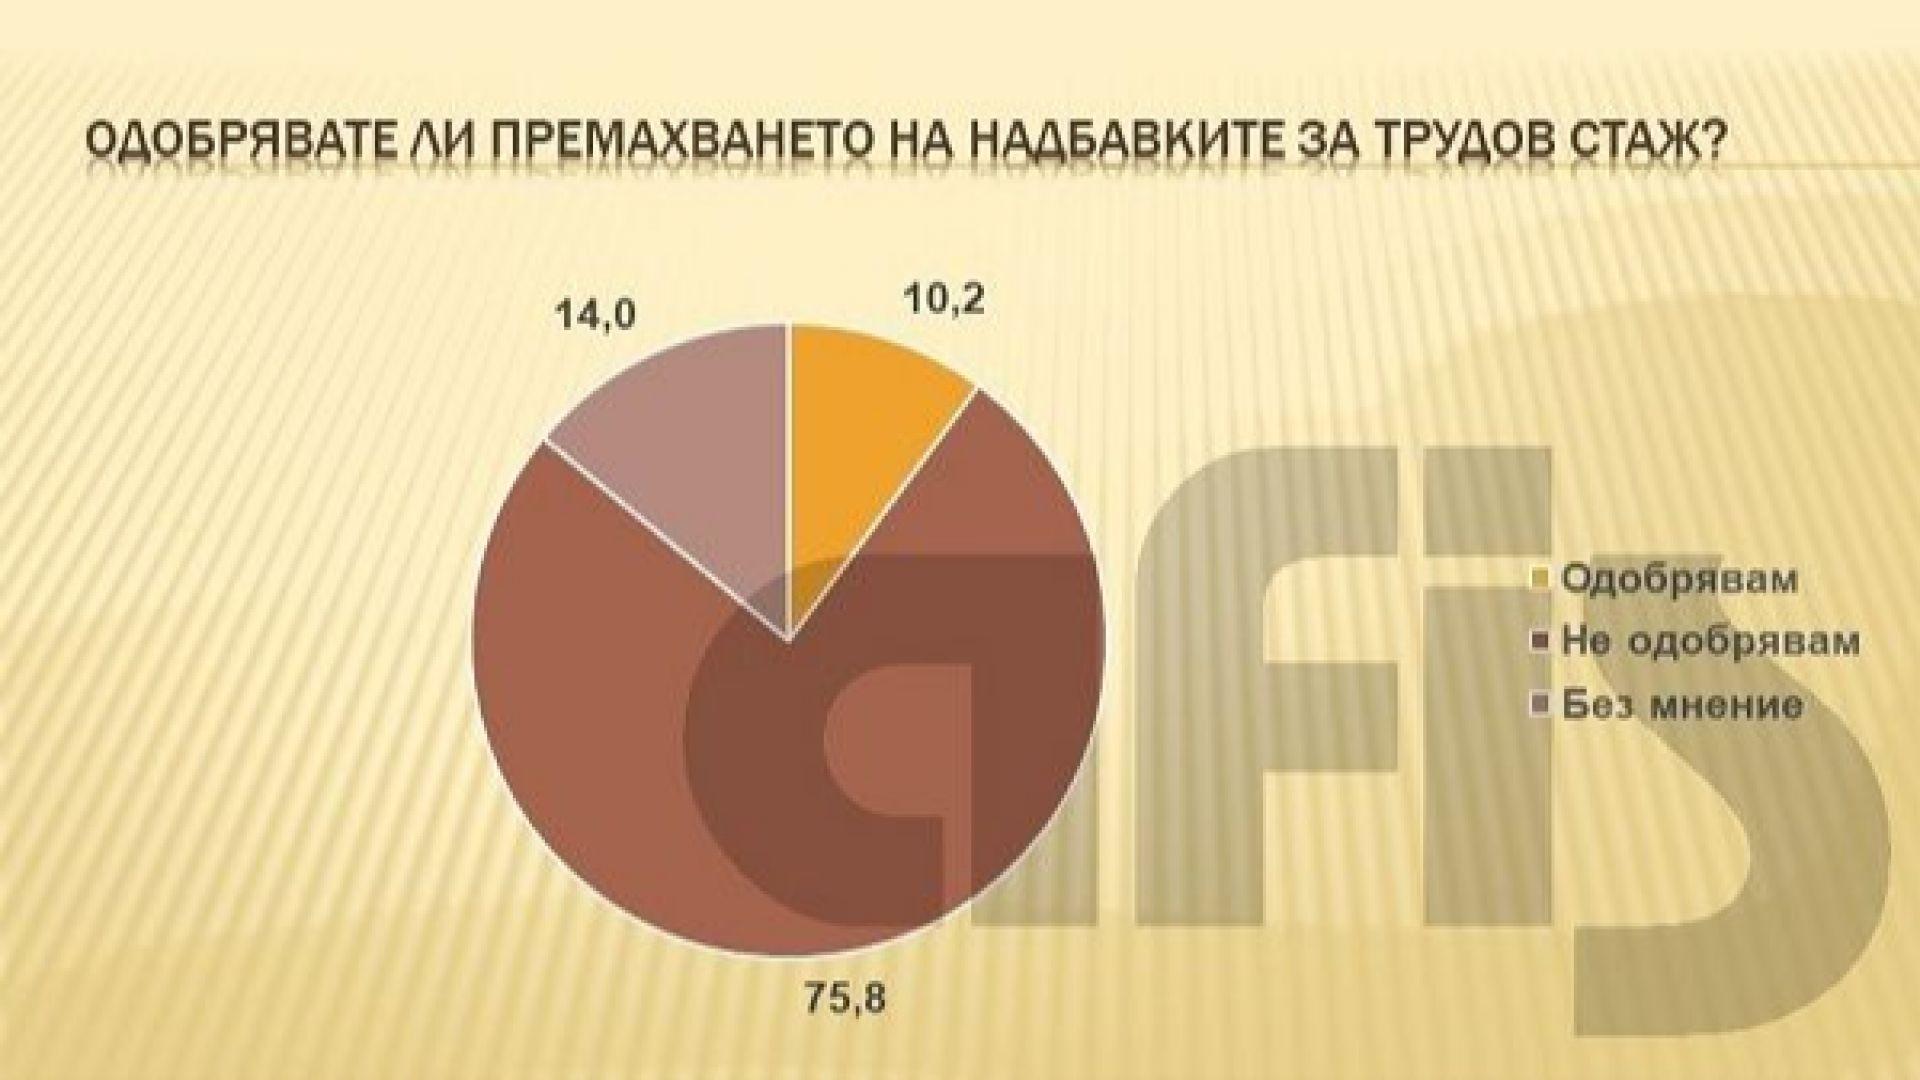 АФИС: 75.8% от българите не одобряват премахването на надбавките за трудов стаж